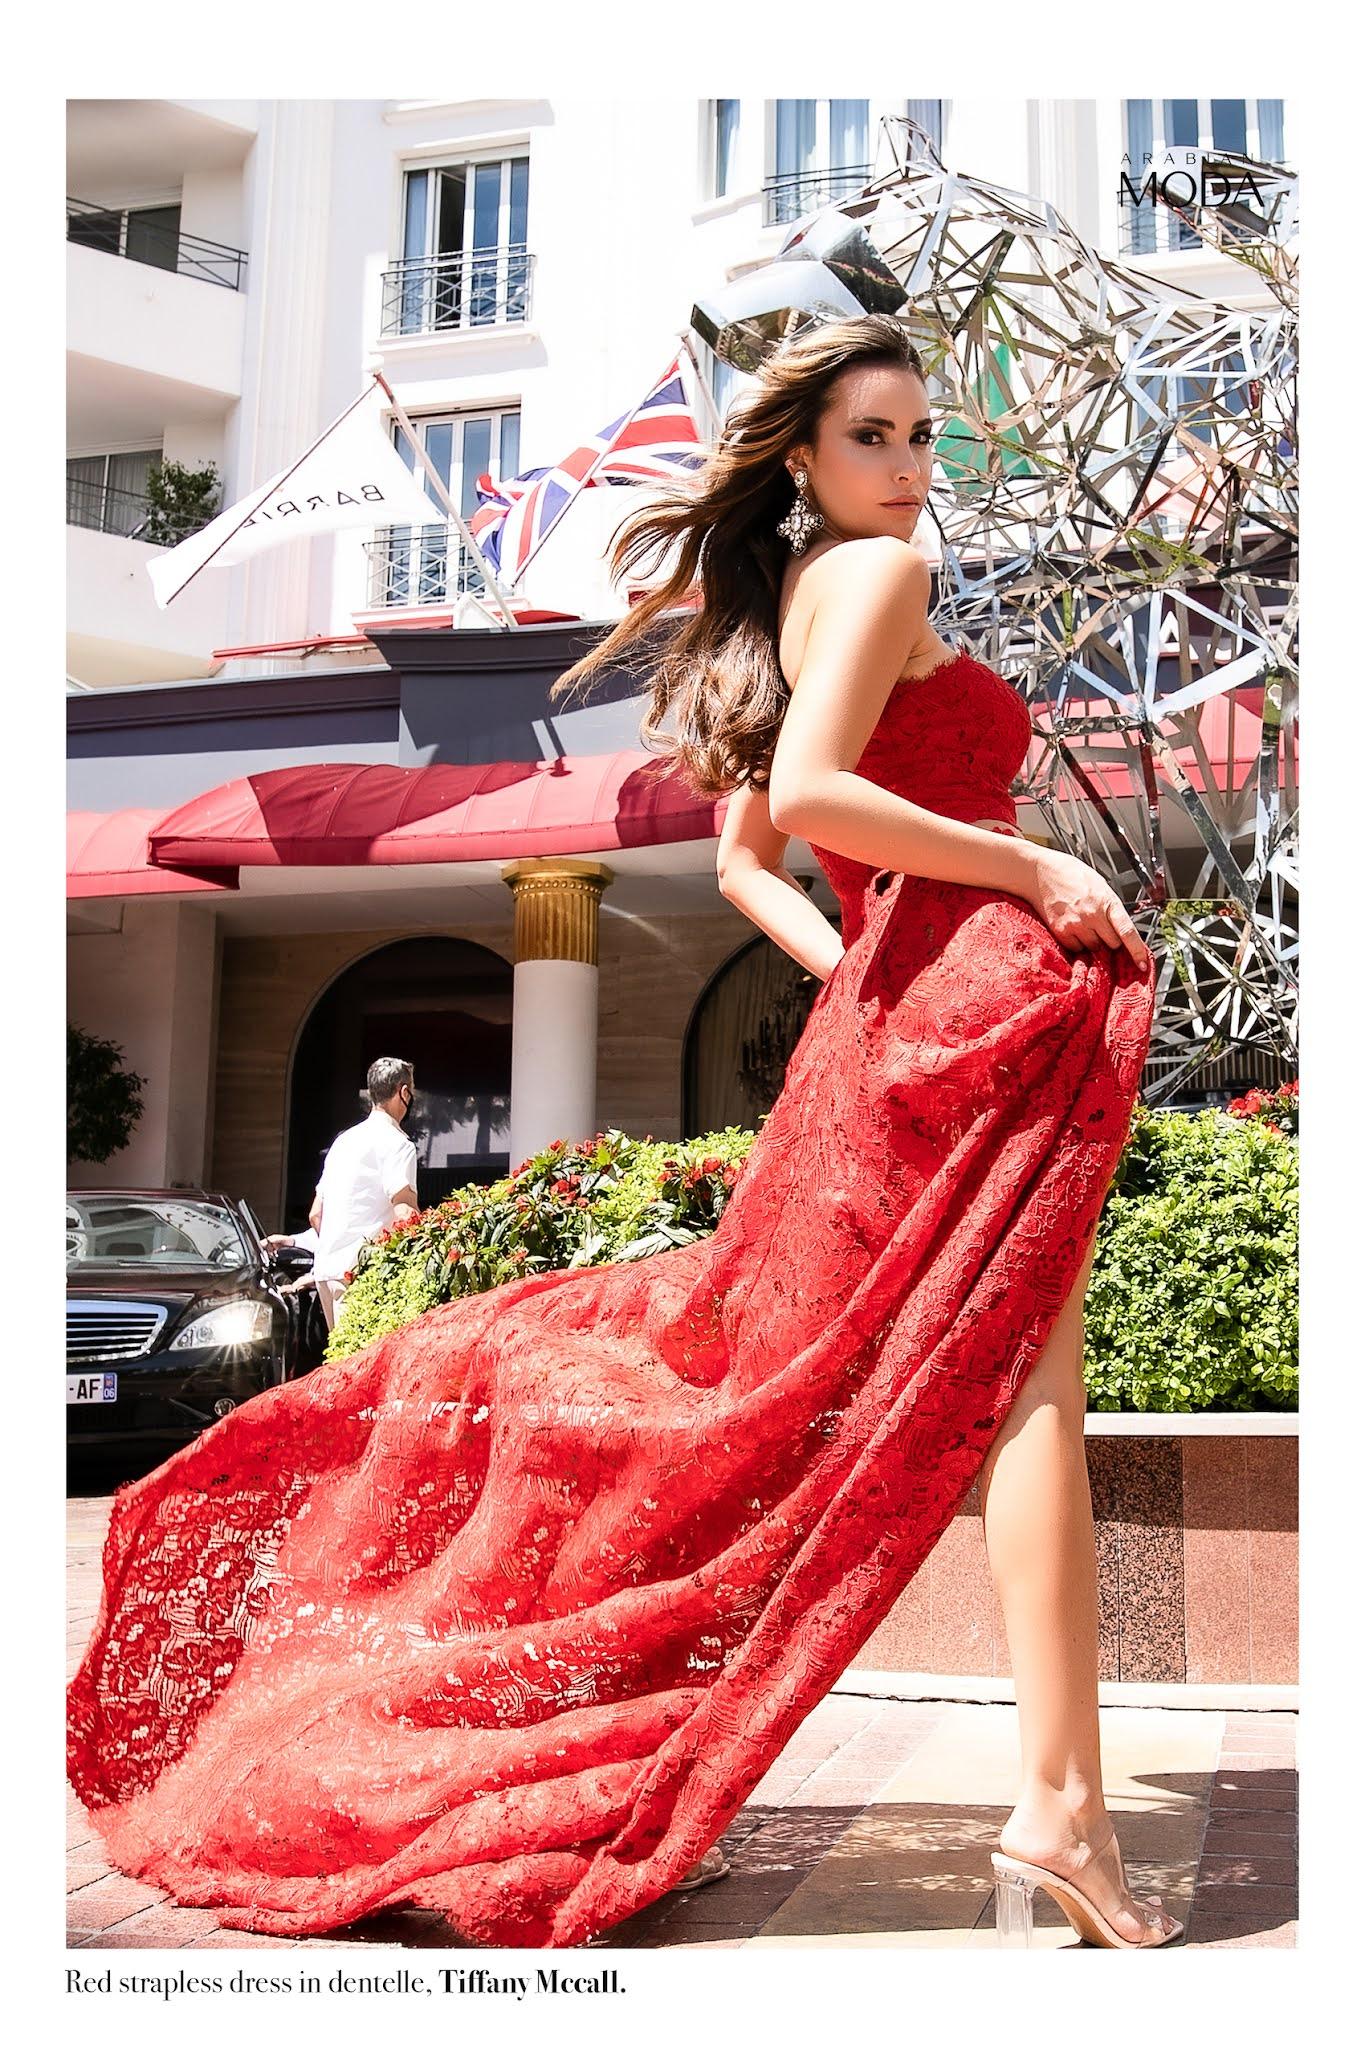 Arabian Moda